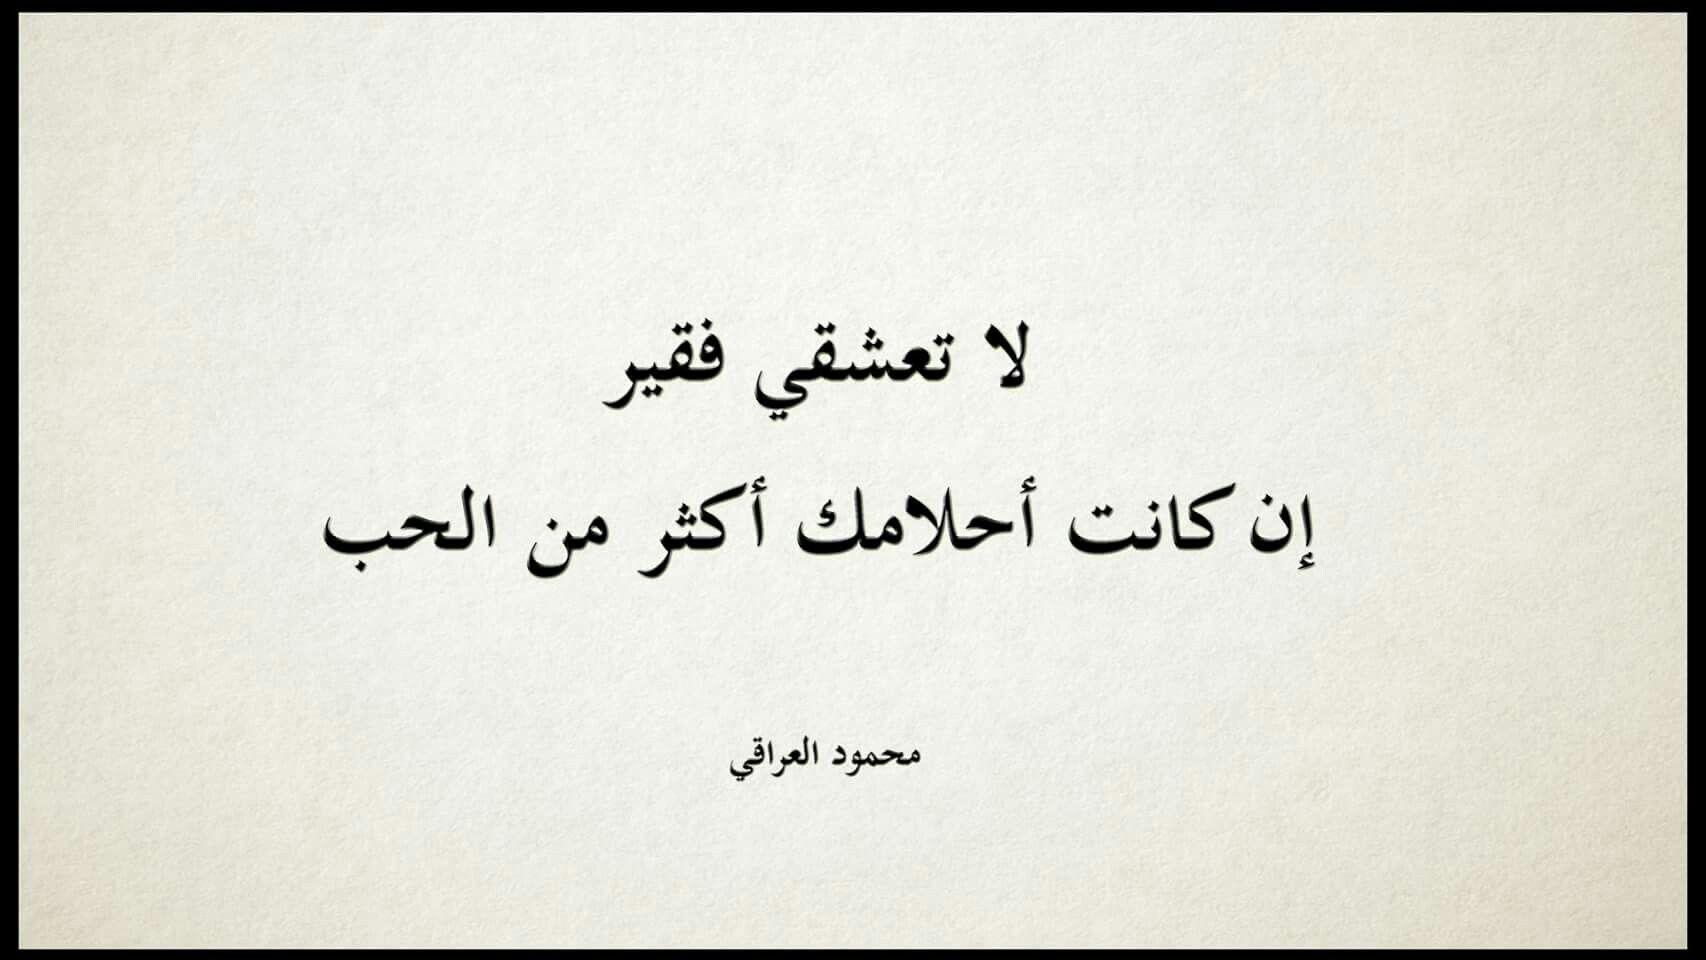 لا تعشقي فقير Arabic Quotes Inspirational Quotes Words